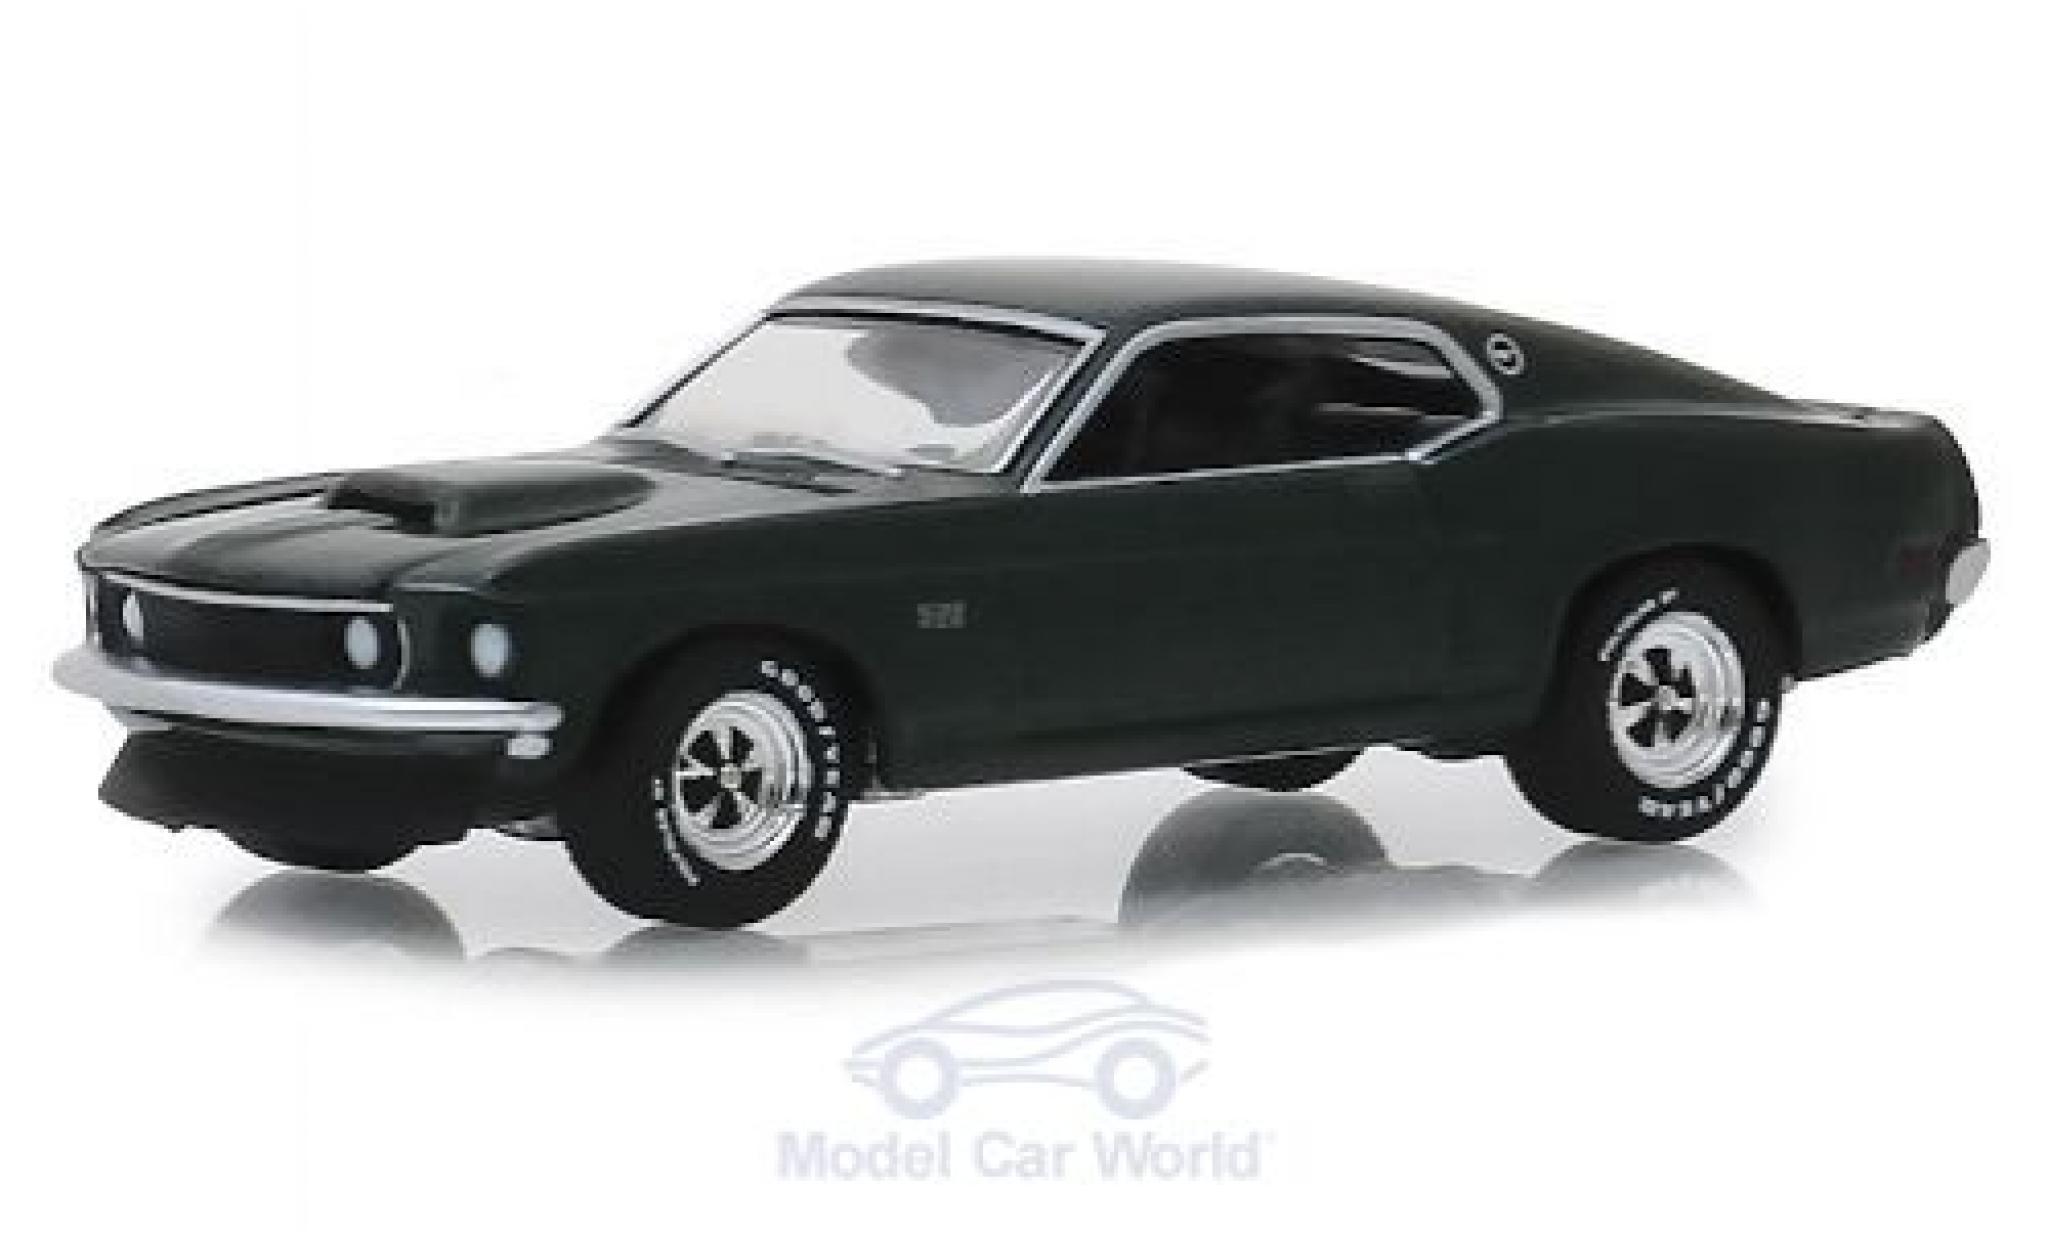 Ford Mustang 1/64 Greenlight BOSS 429 metallic green 1969